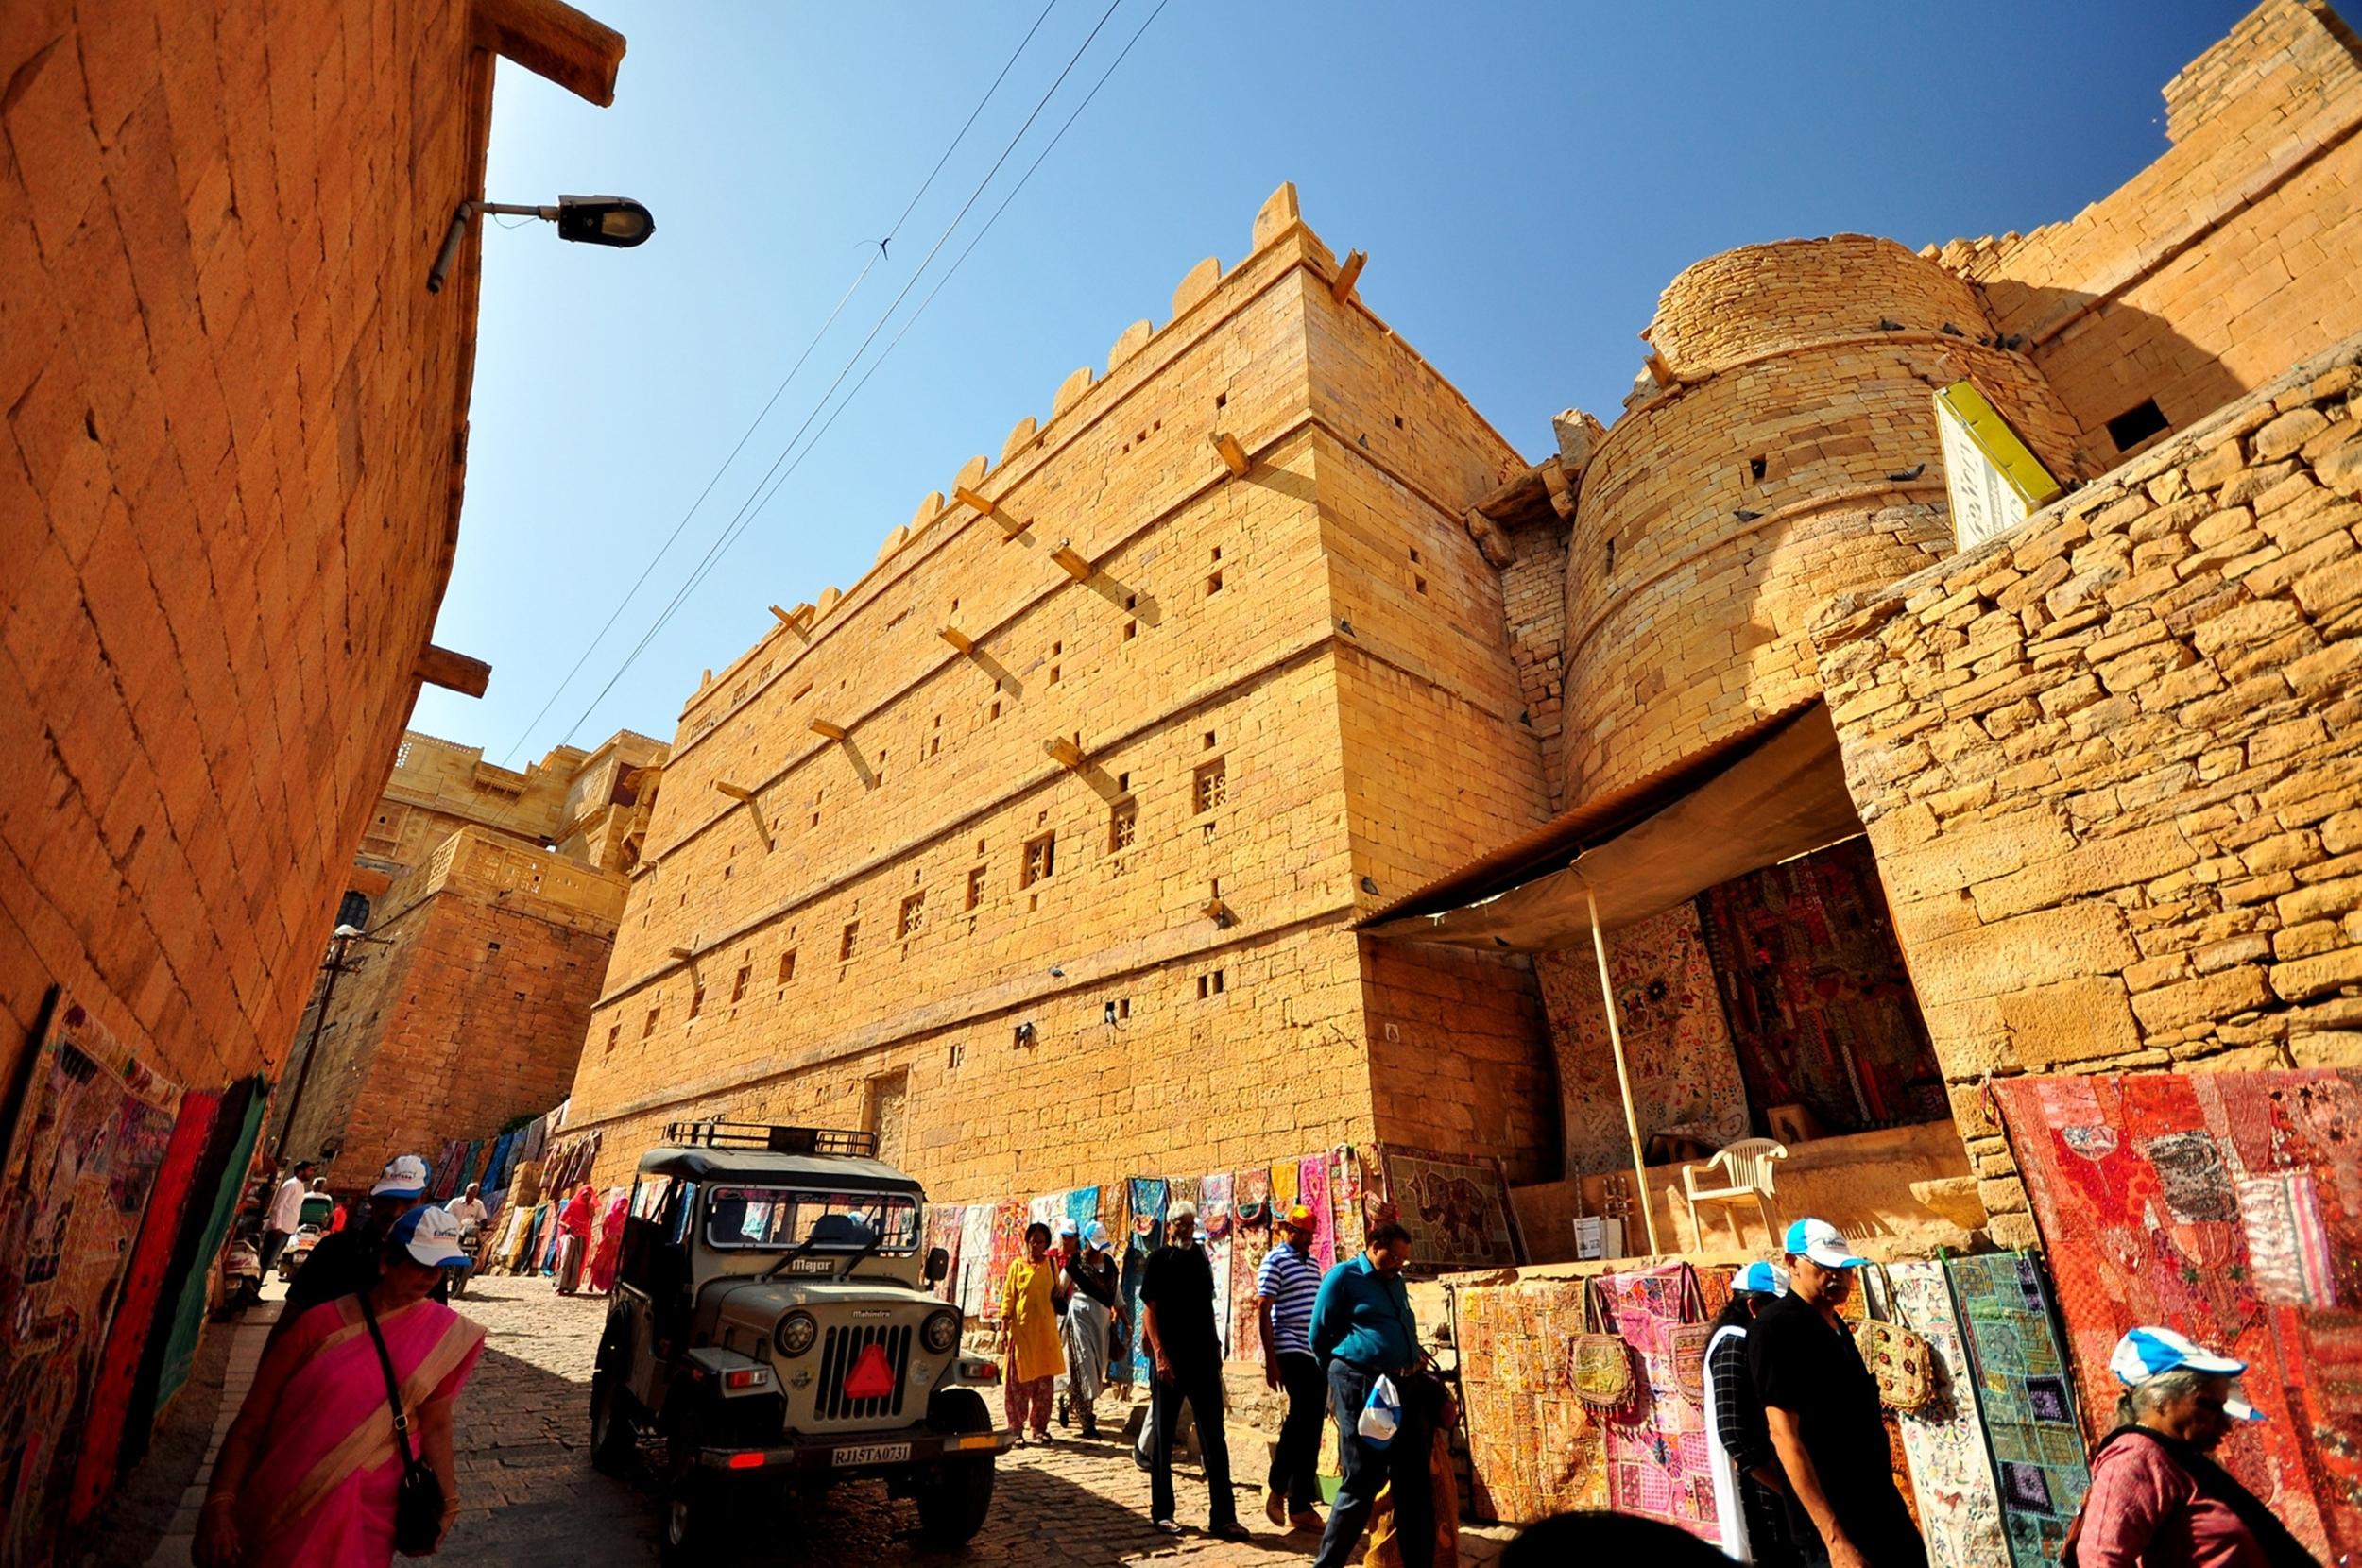 Tourist destination in Rajasthan SONAR KELLA